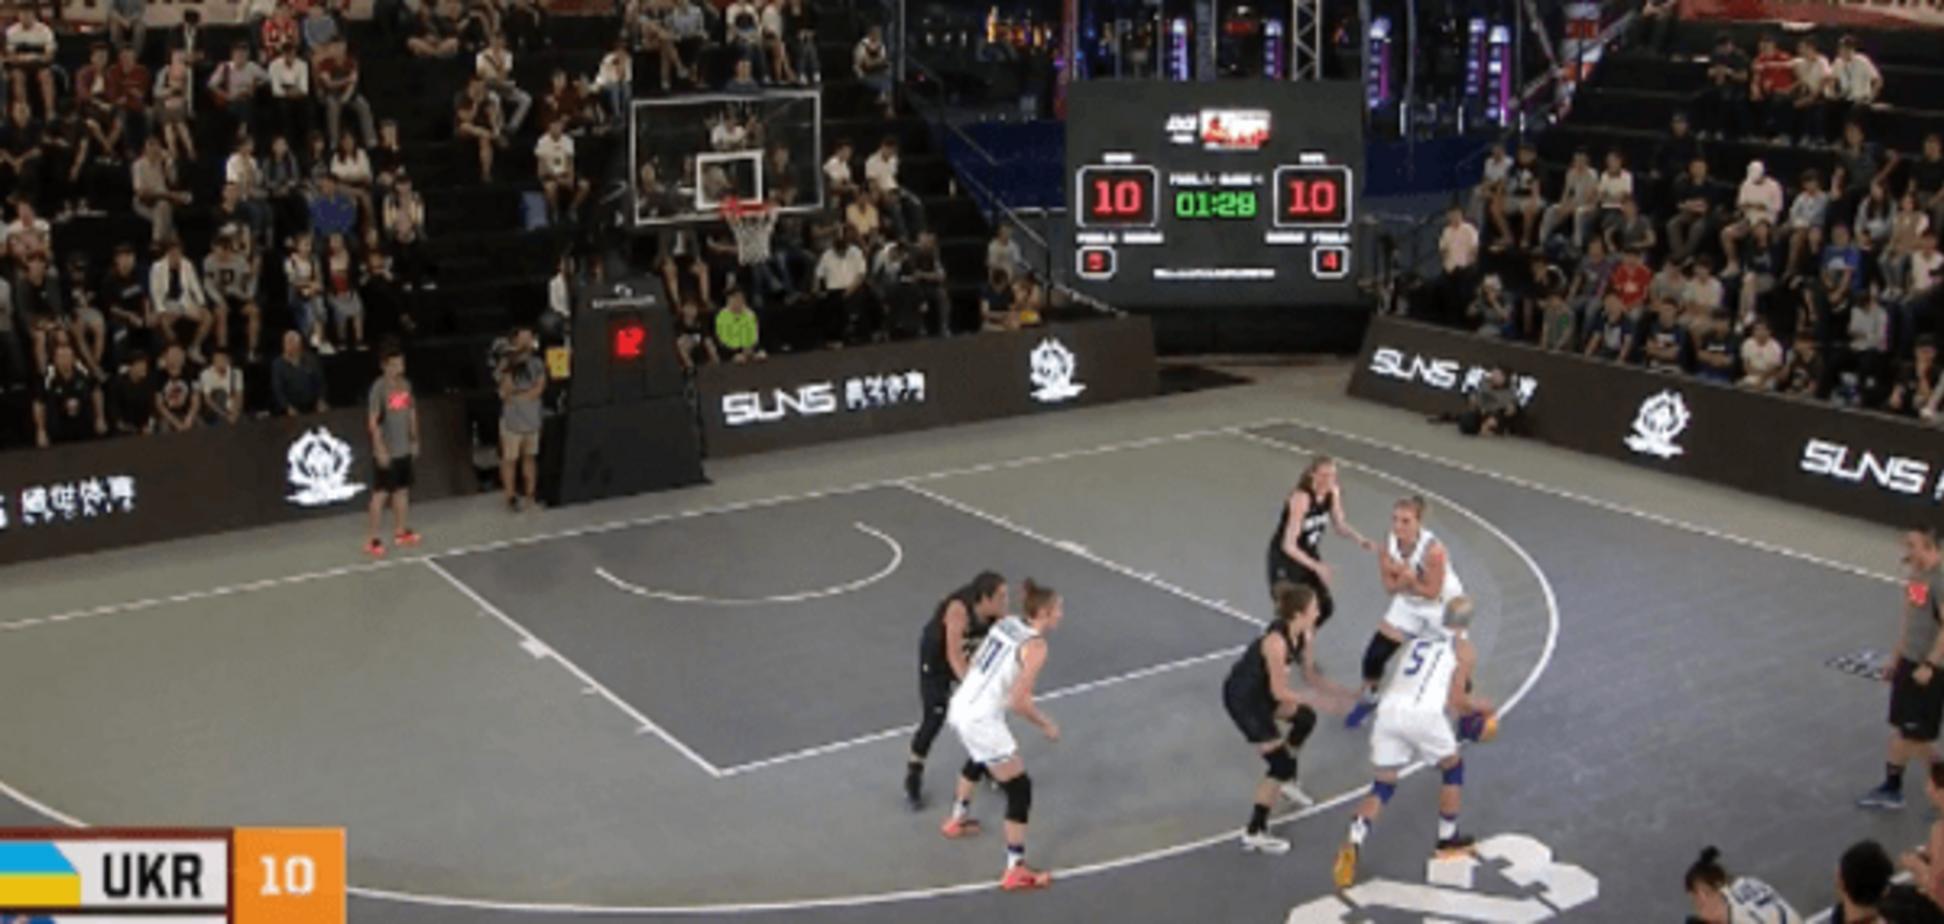 Сборная Украины драматично стартовала на чемпионате мира по баскетболу